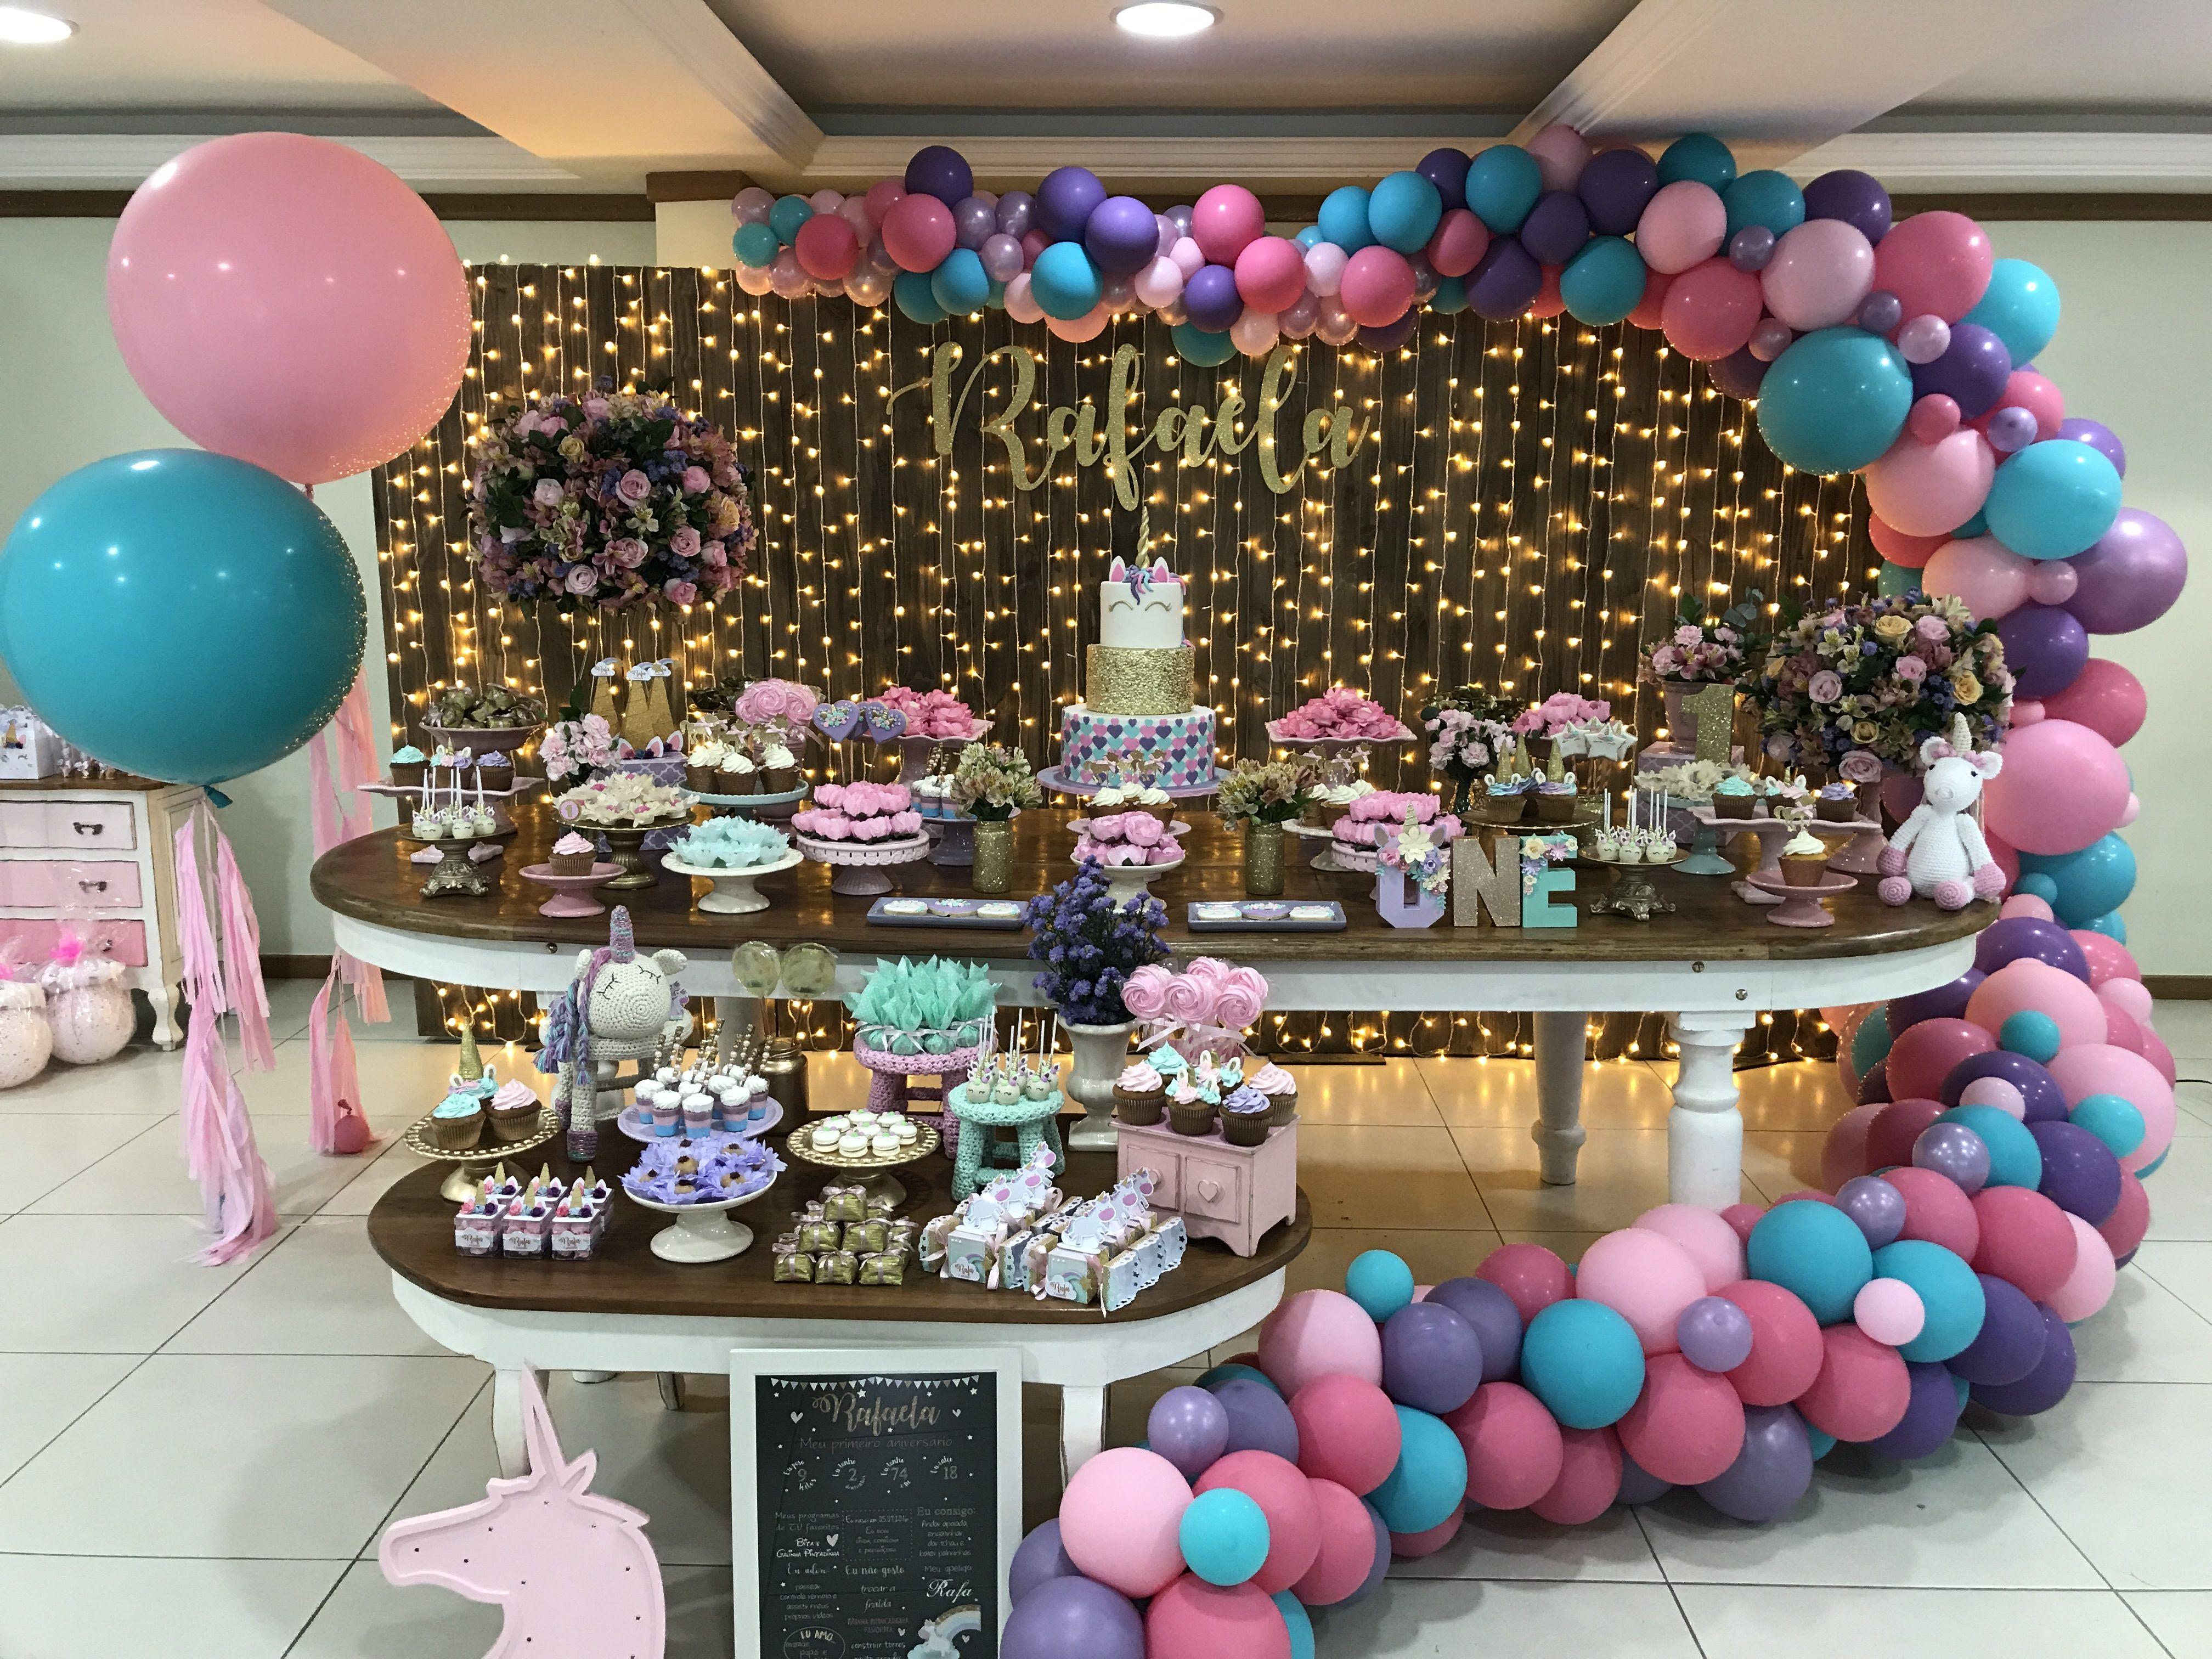 Festa Infantil De Menina Com O Tema Unicornio Com Imagens